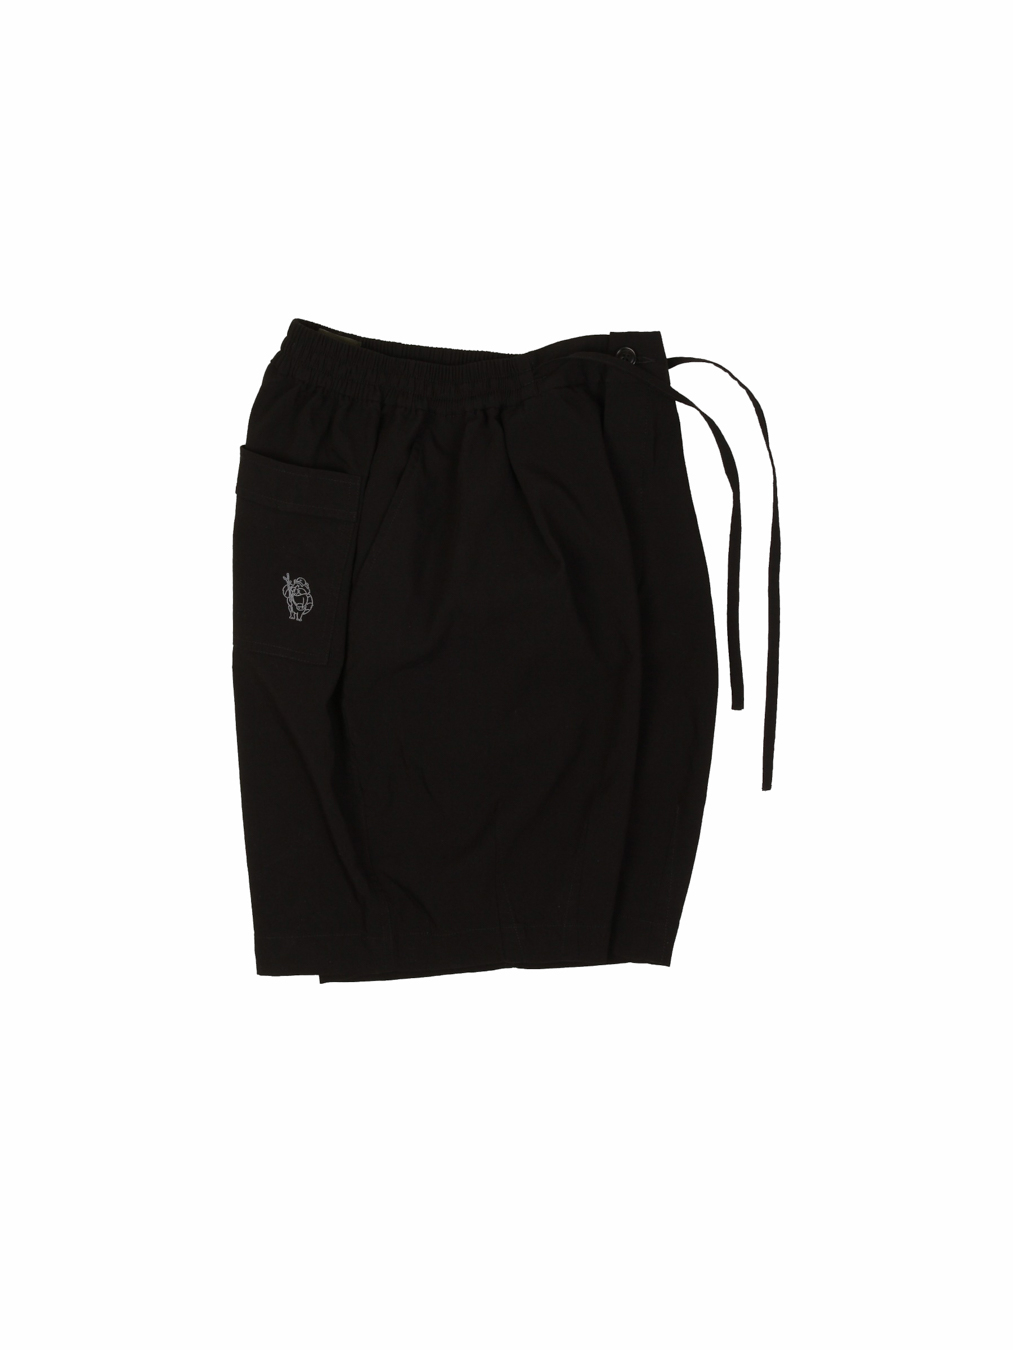 Rayon Balloon Shorts (Black)